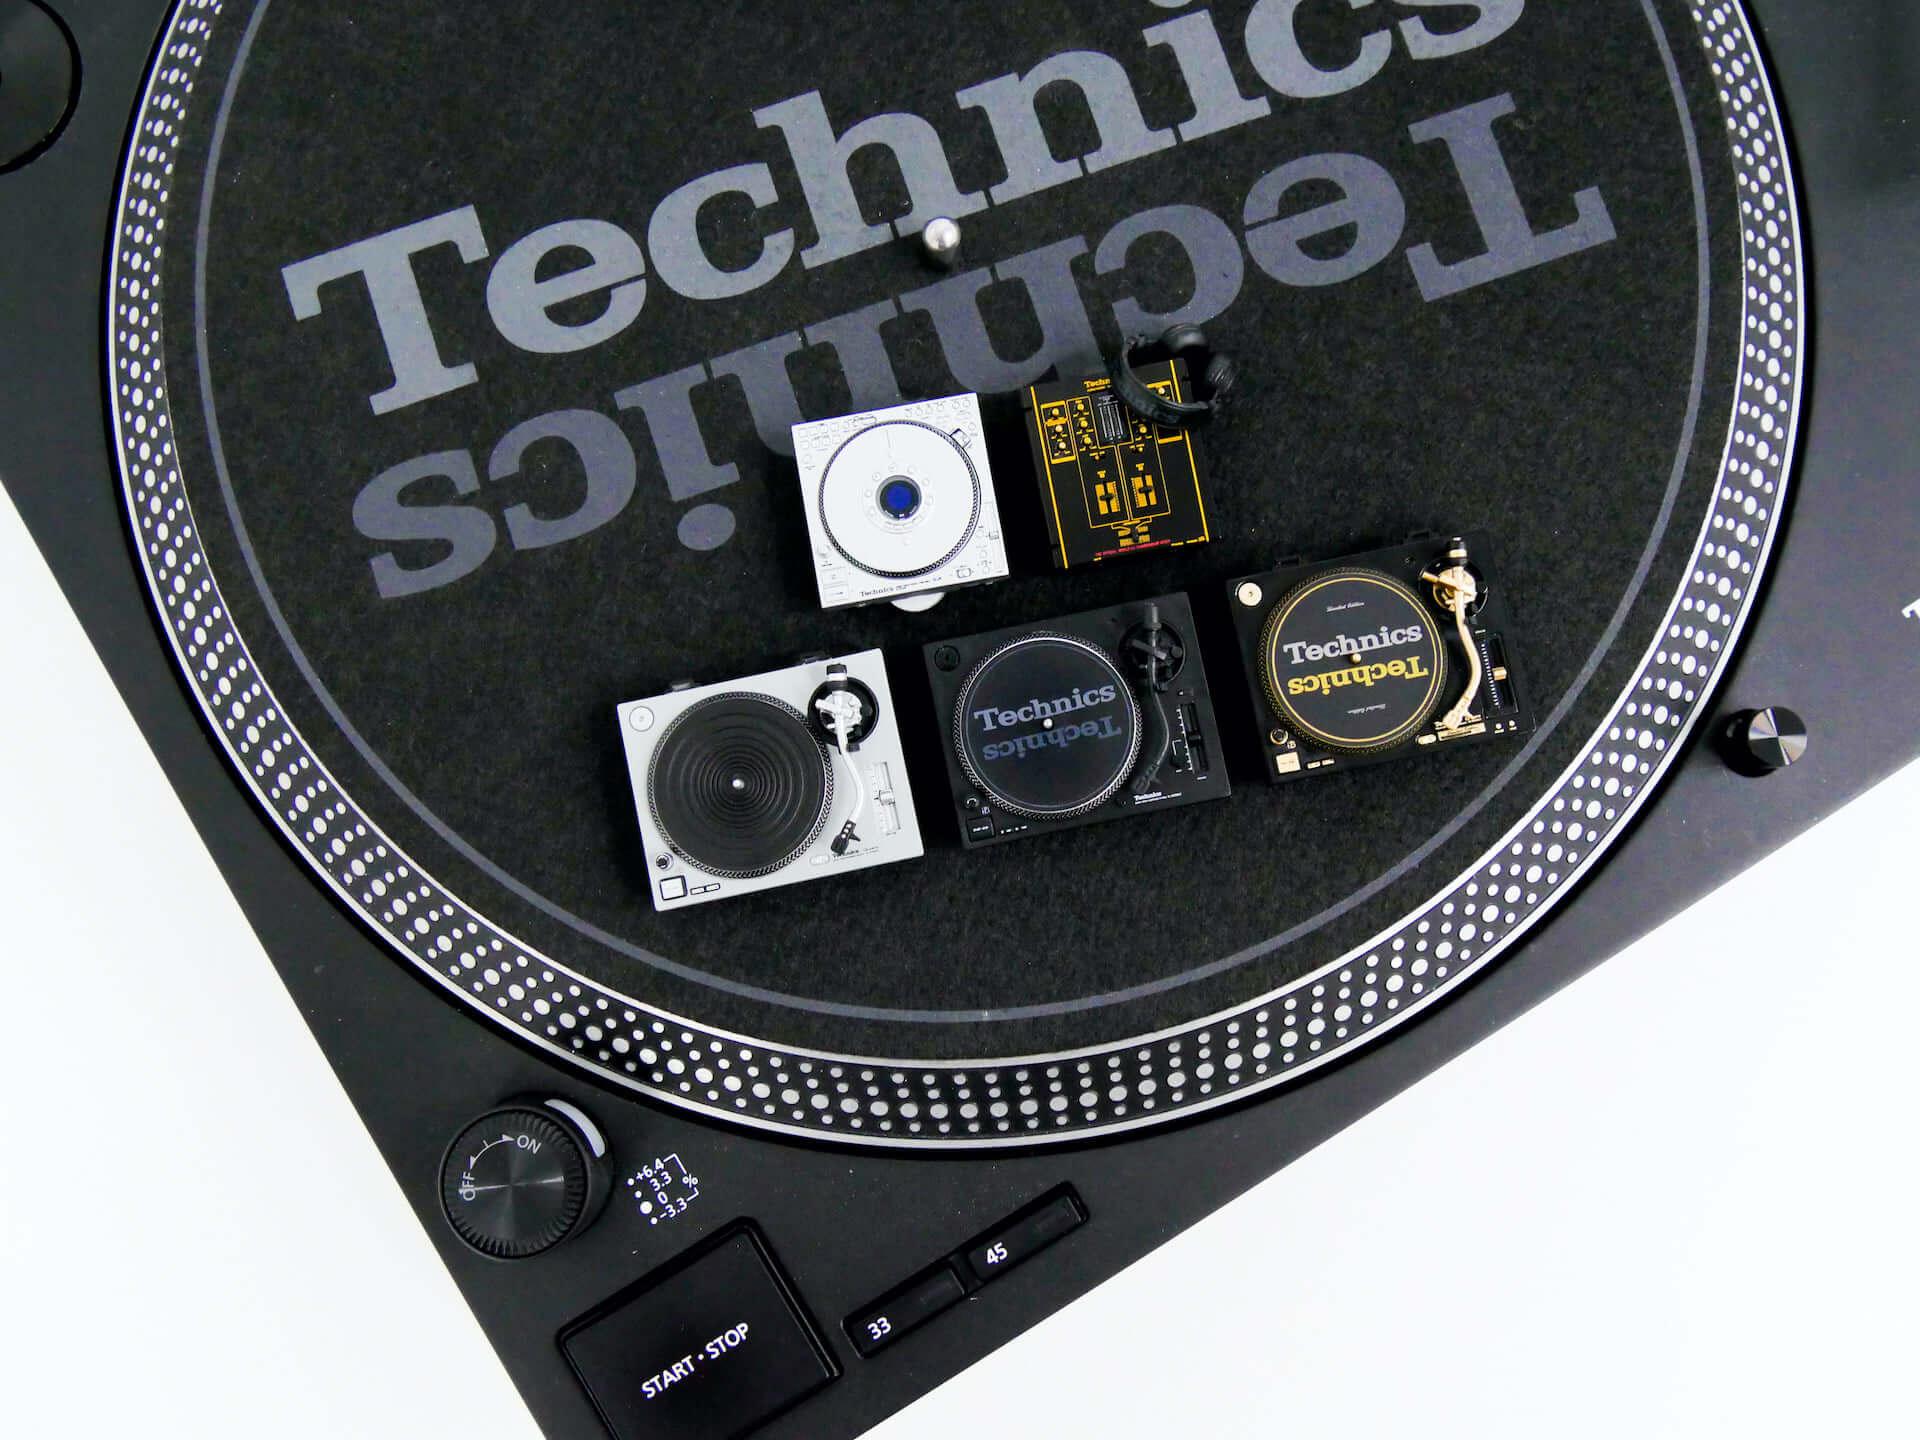 TechnicsのDJ機器『SL-1200MK2』など全5種がミニチュアフィギュア化!ケンエレファントより発売決定 tech201009_technics_1-1920x1440